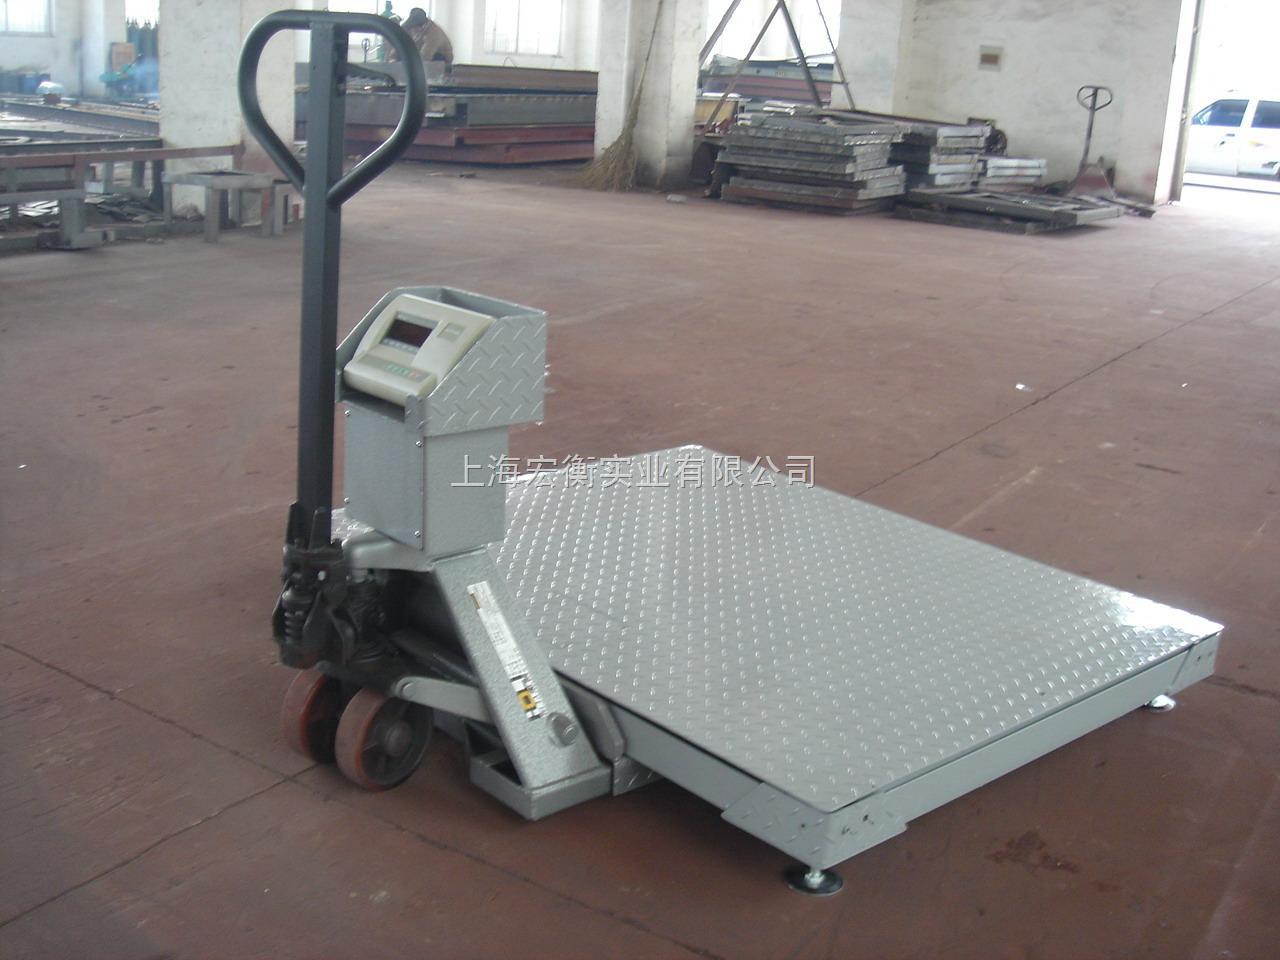 1吨不锈钢电子叉车秤标定+上海1T不锈钢电子叉车秤专卖店